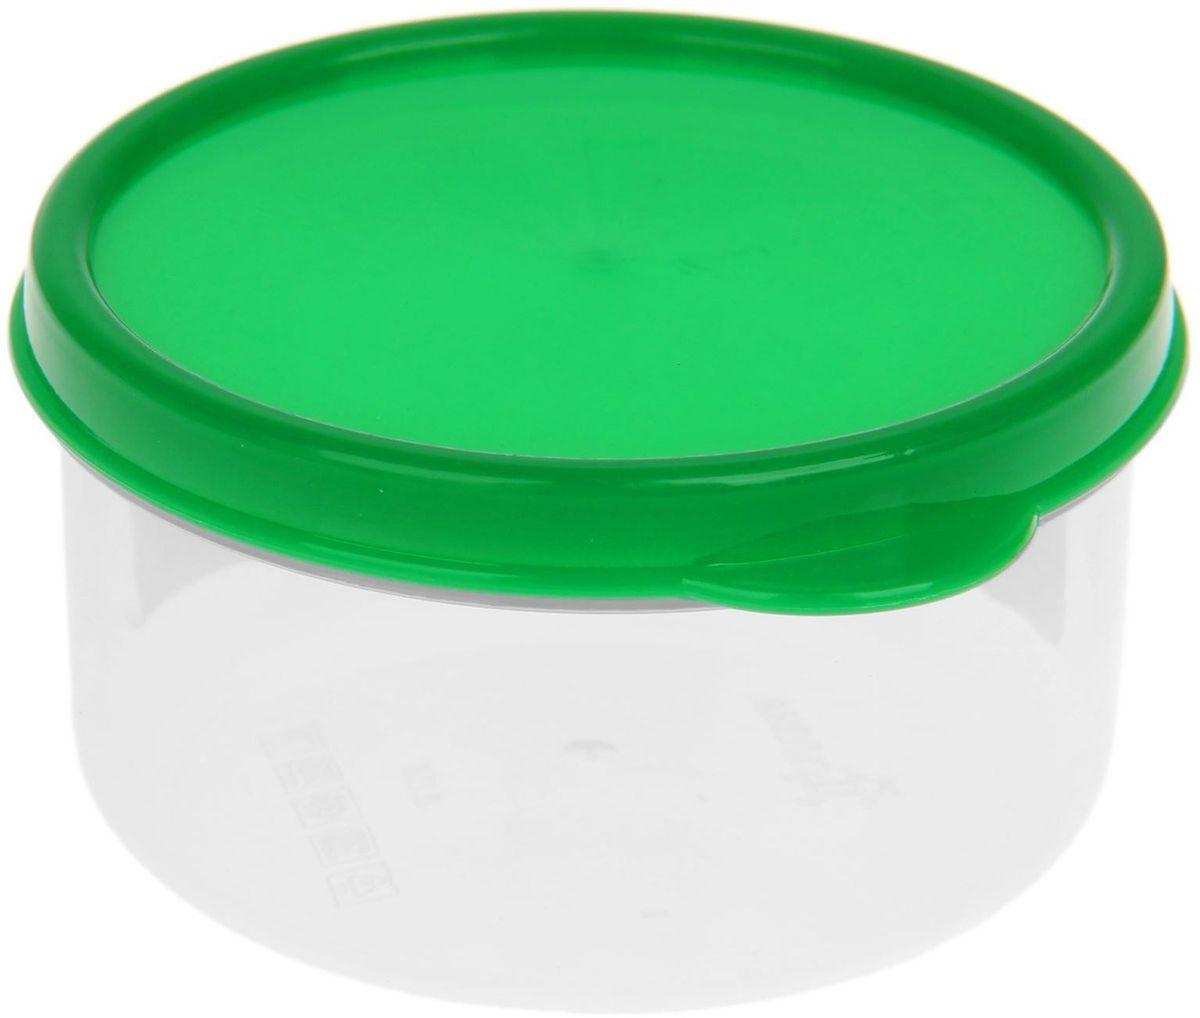 Контейнер пищевой Доляна, круглый, цвет: зеленый, 150 мл1333815Если после вкусного обеда осталась еда, а насладиться трапезой хочется и на следующий день, контейнер станет отличным решением данной проблемы!В качестве материала для изготовления используется пластик, что делает процесс ухода за контейнером ещё более эффективным. К контейнеру в комплекте также прилагается крышка подходящего размера, это позволяет плотно и надёжно удерживать запах еды и упрощает процесс транспортировки. Эргономичный дизайн и многофункциональность контейнера Доляна - вот, что является причиной большой популярности данного предмета у каждой хозяйки.